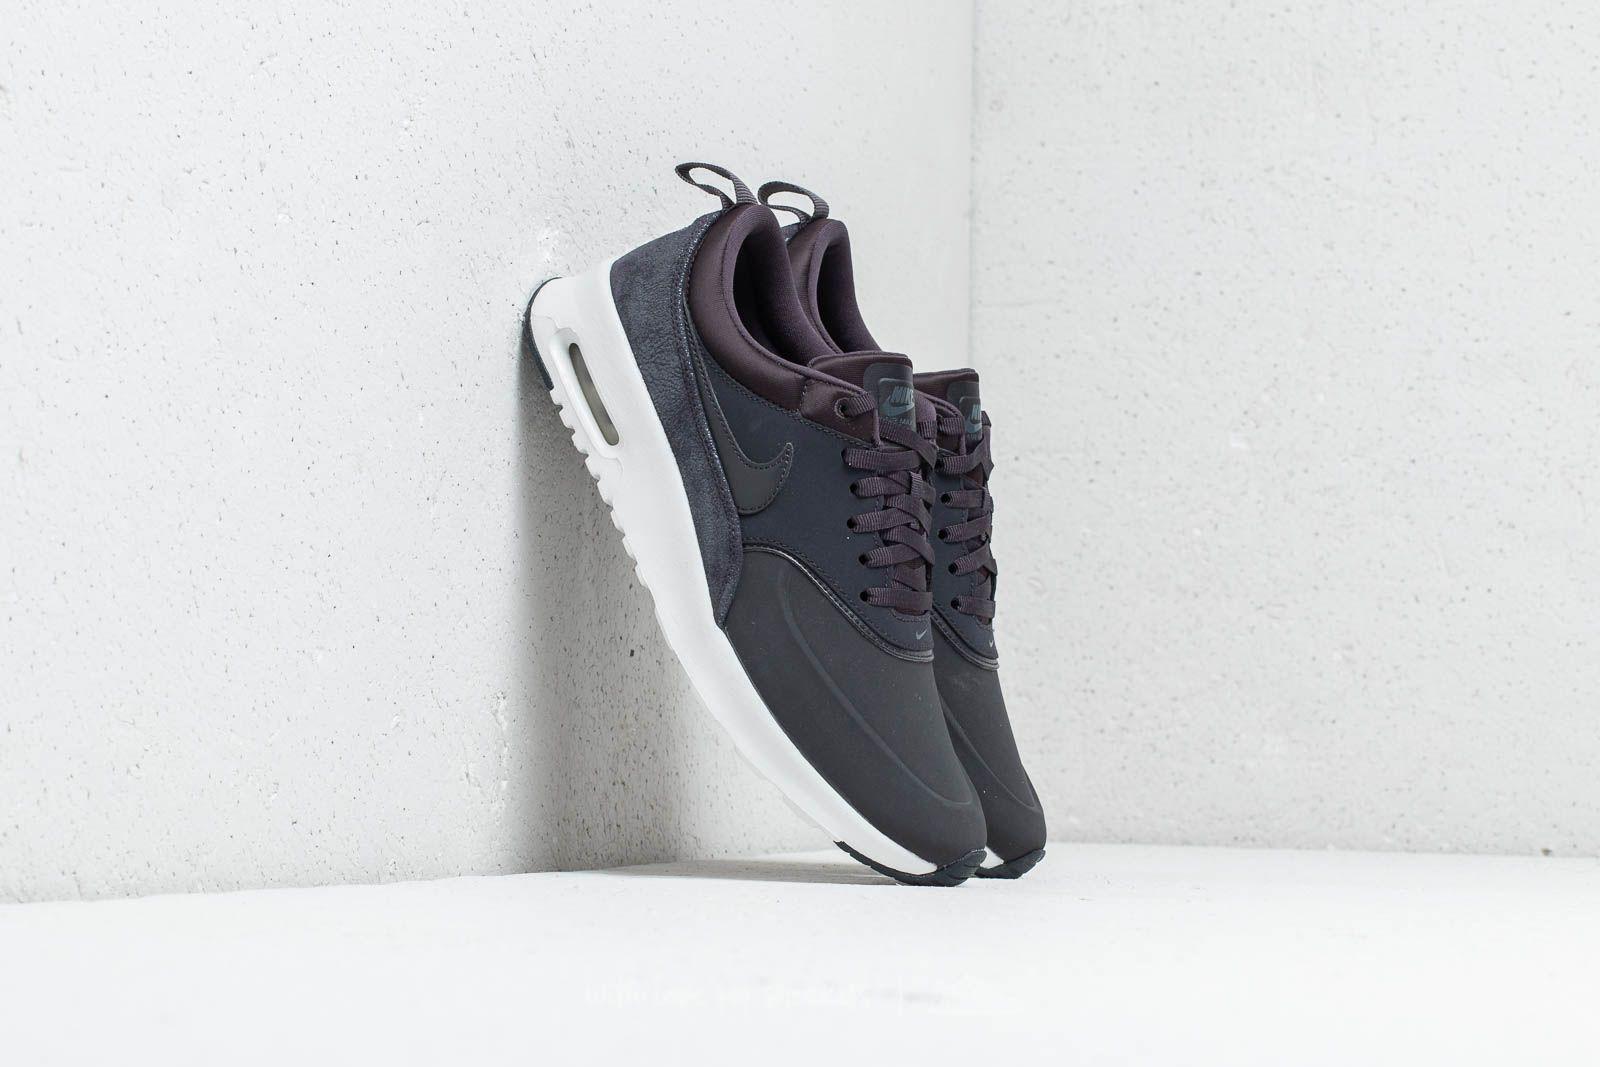 Nike Air Max Thea Premium Wmns